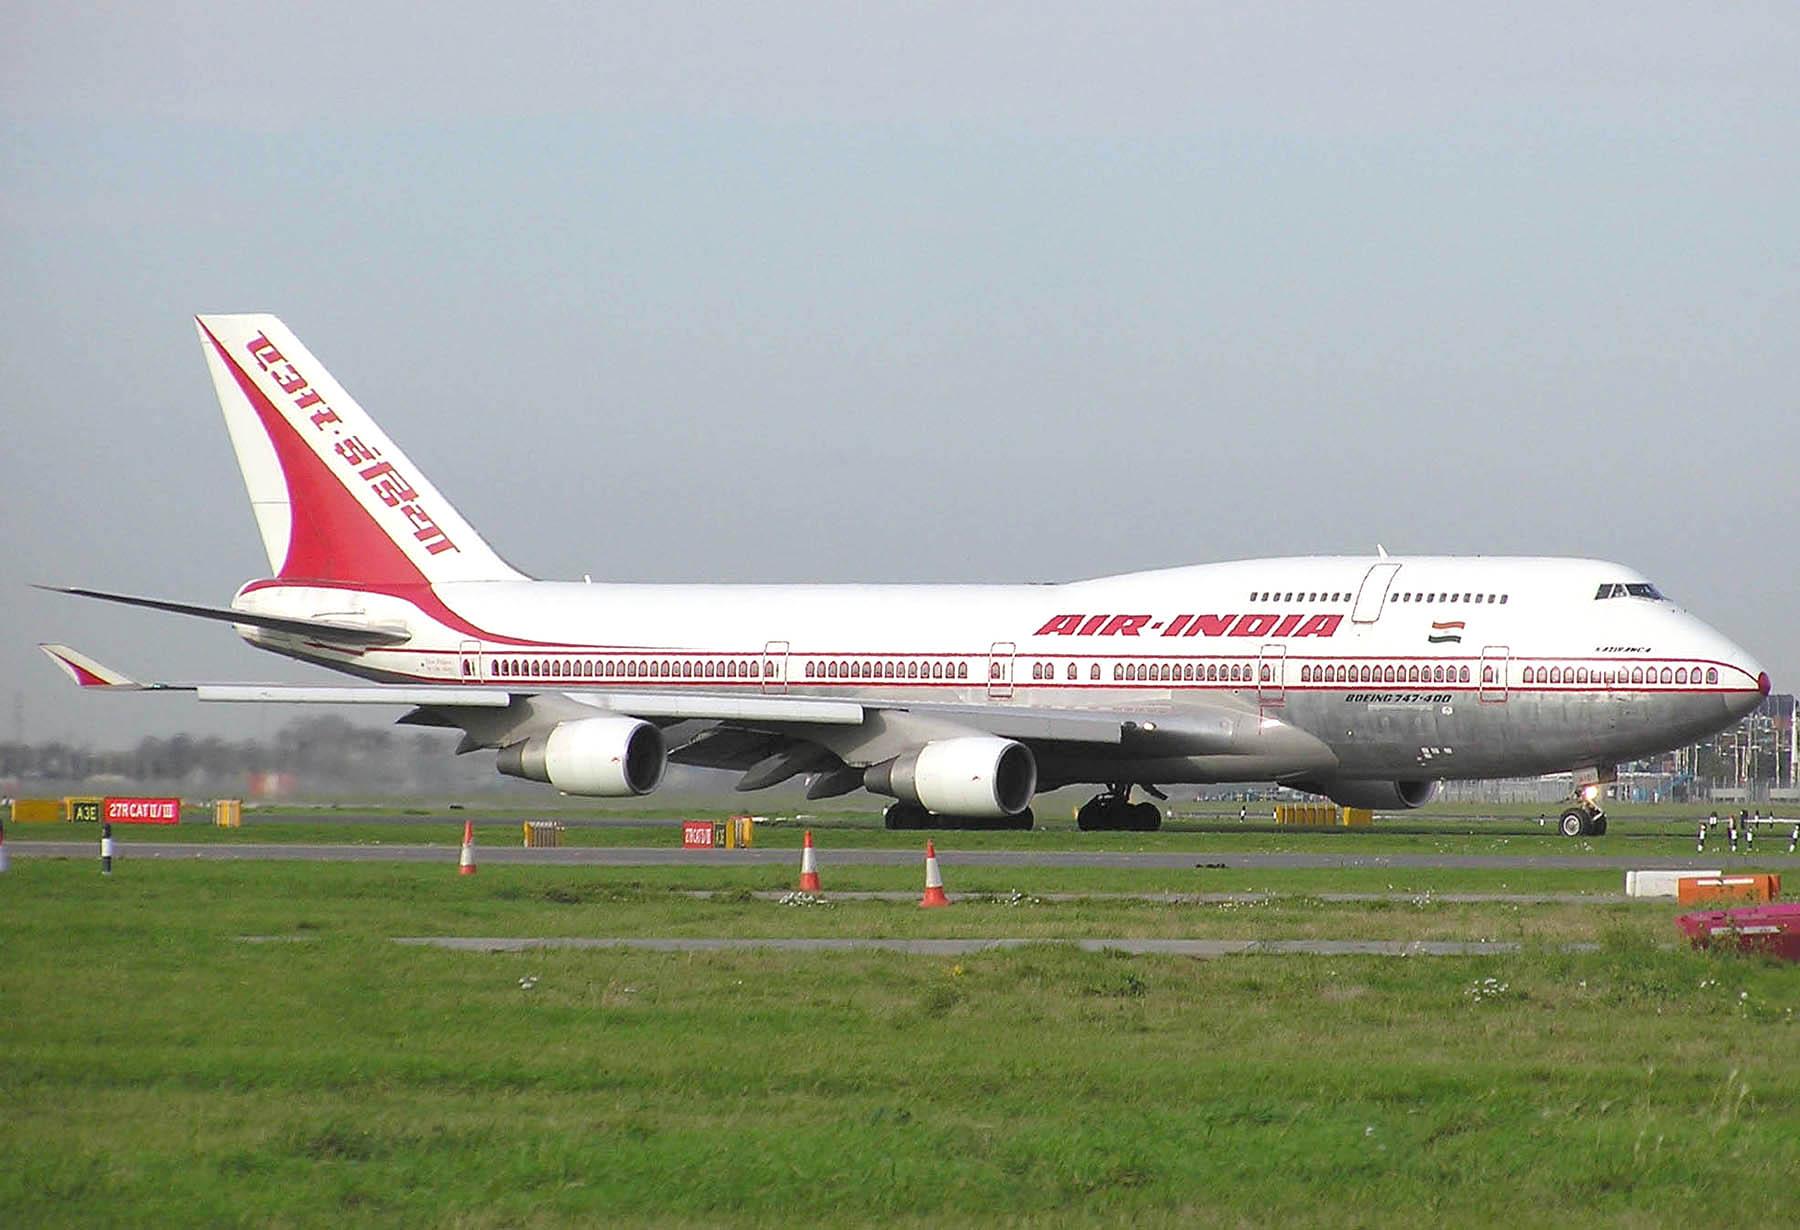 Air India BPIA